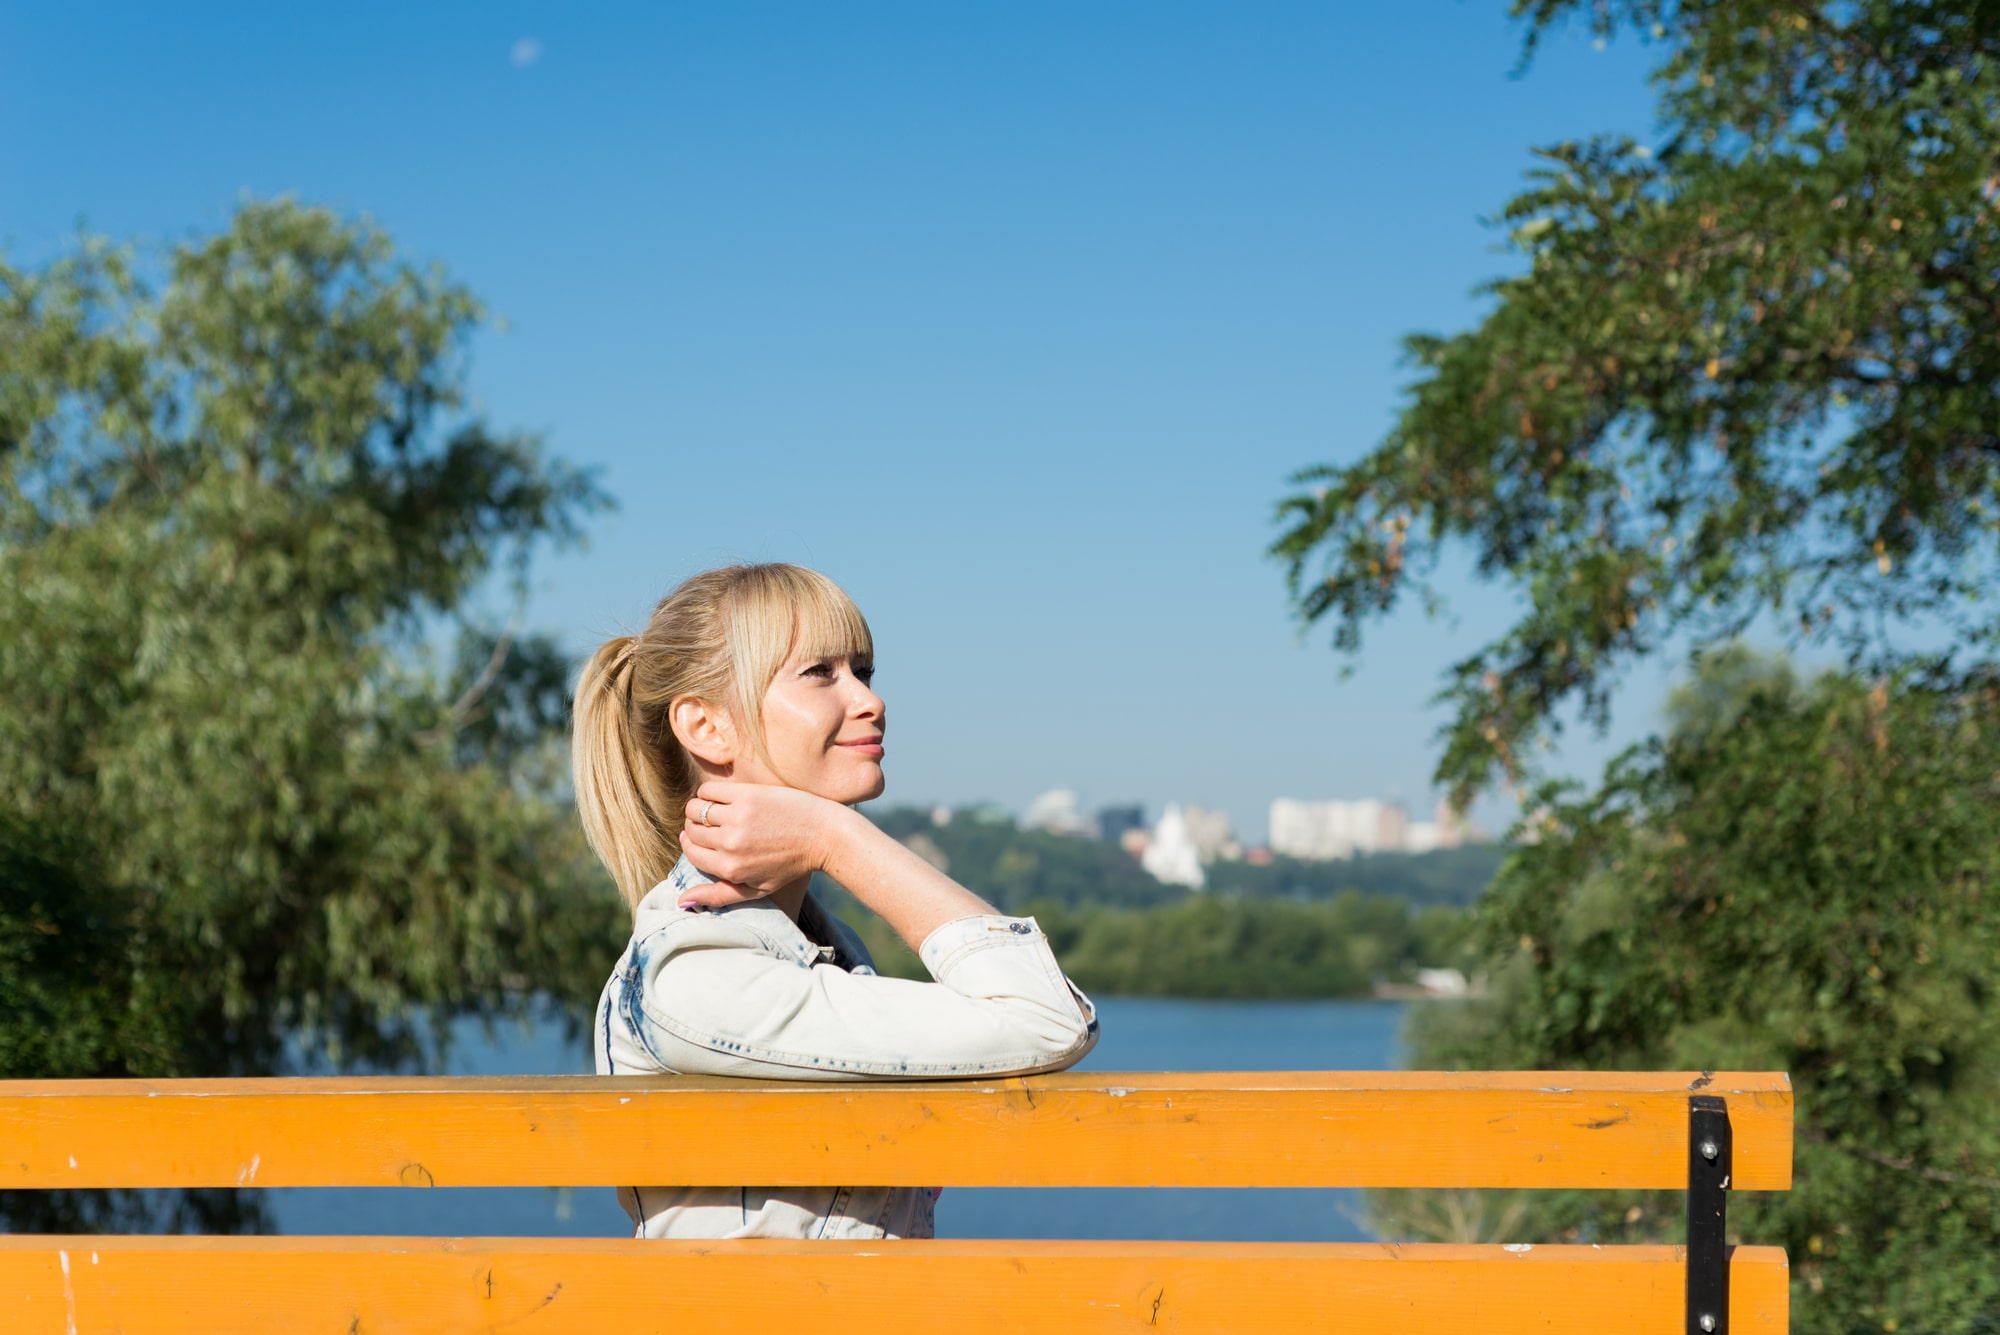 Фотосессия девушки возле реки Днепр - на оранжевой скамейке